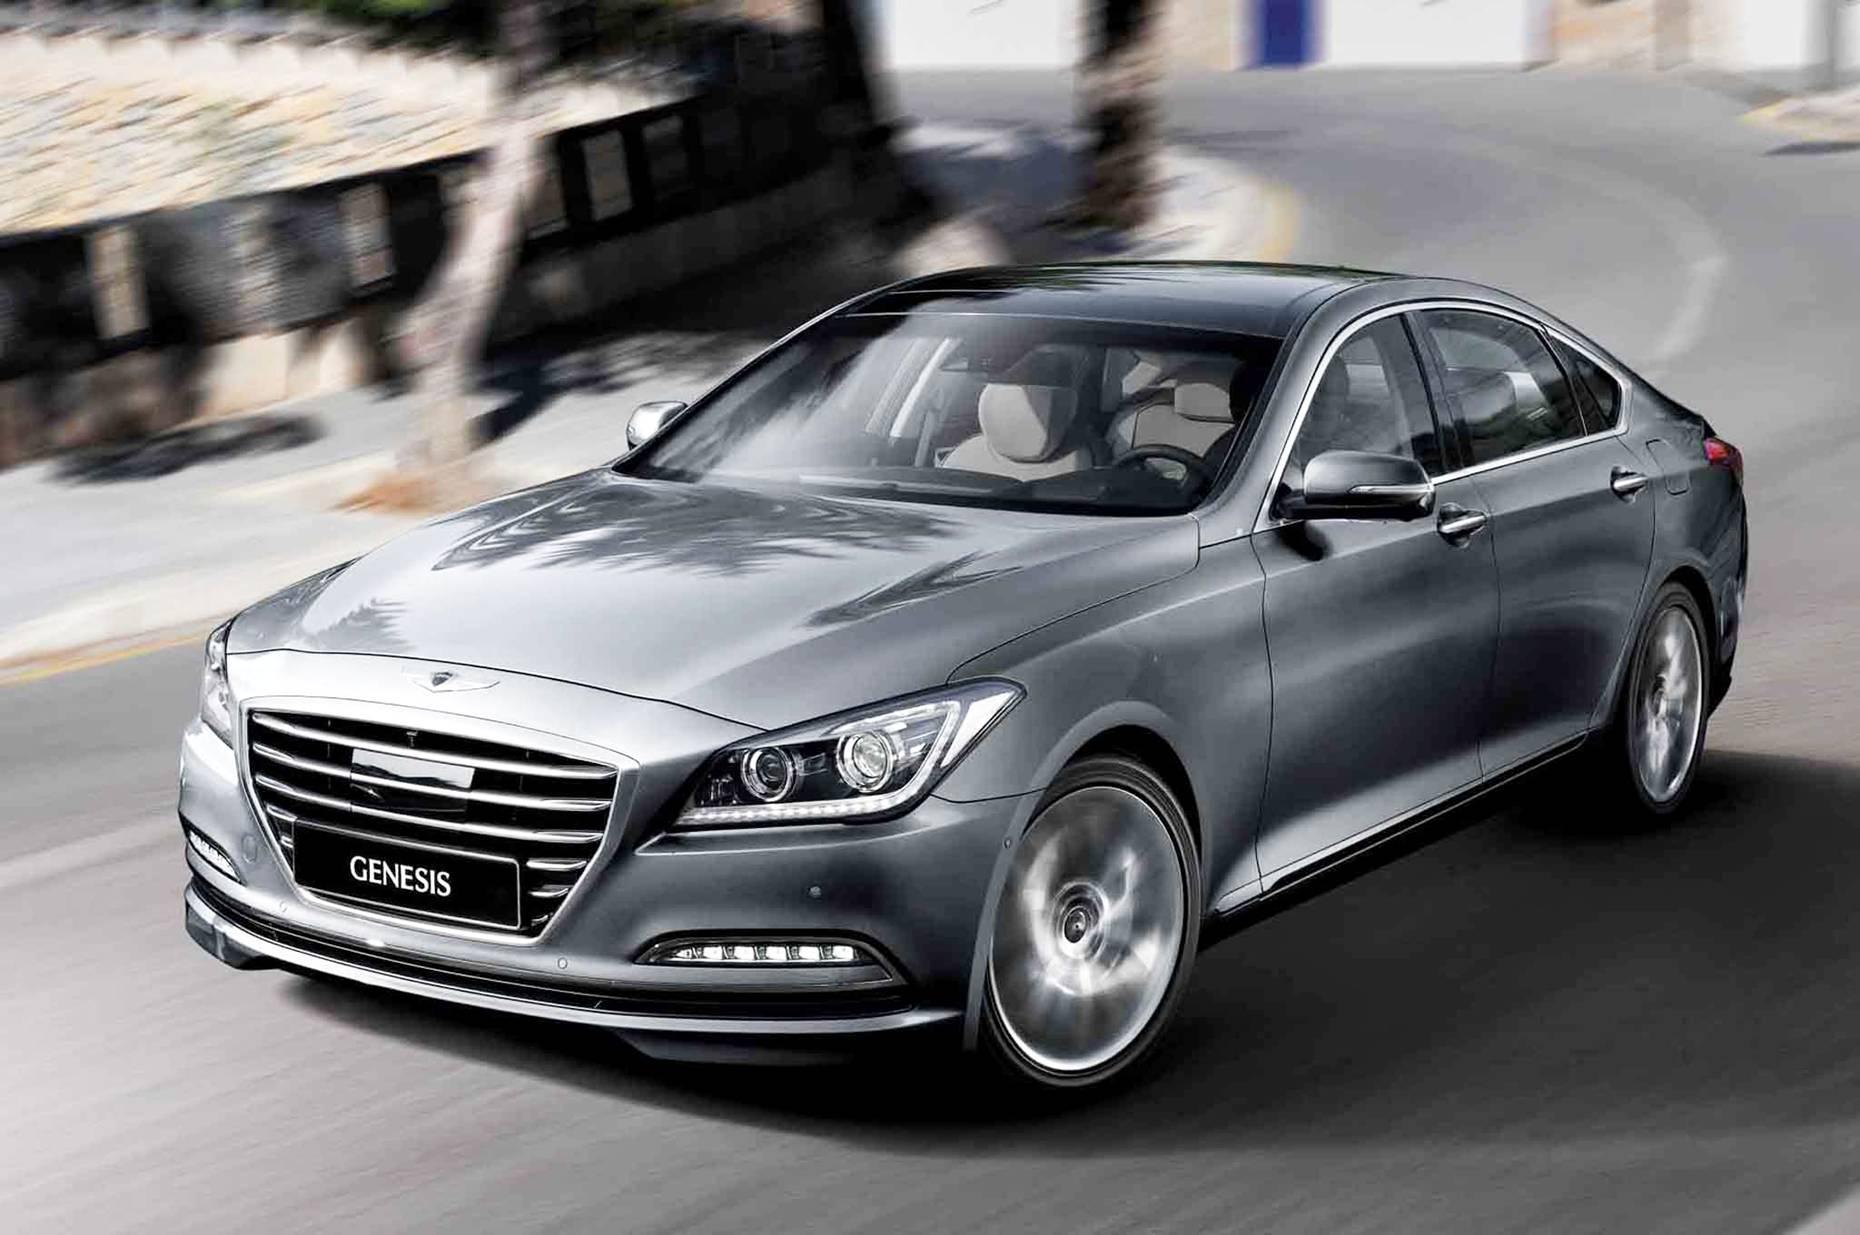 die zweite Generation des Hyundai Genesis